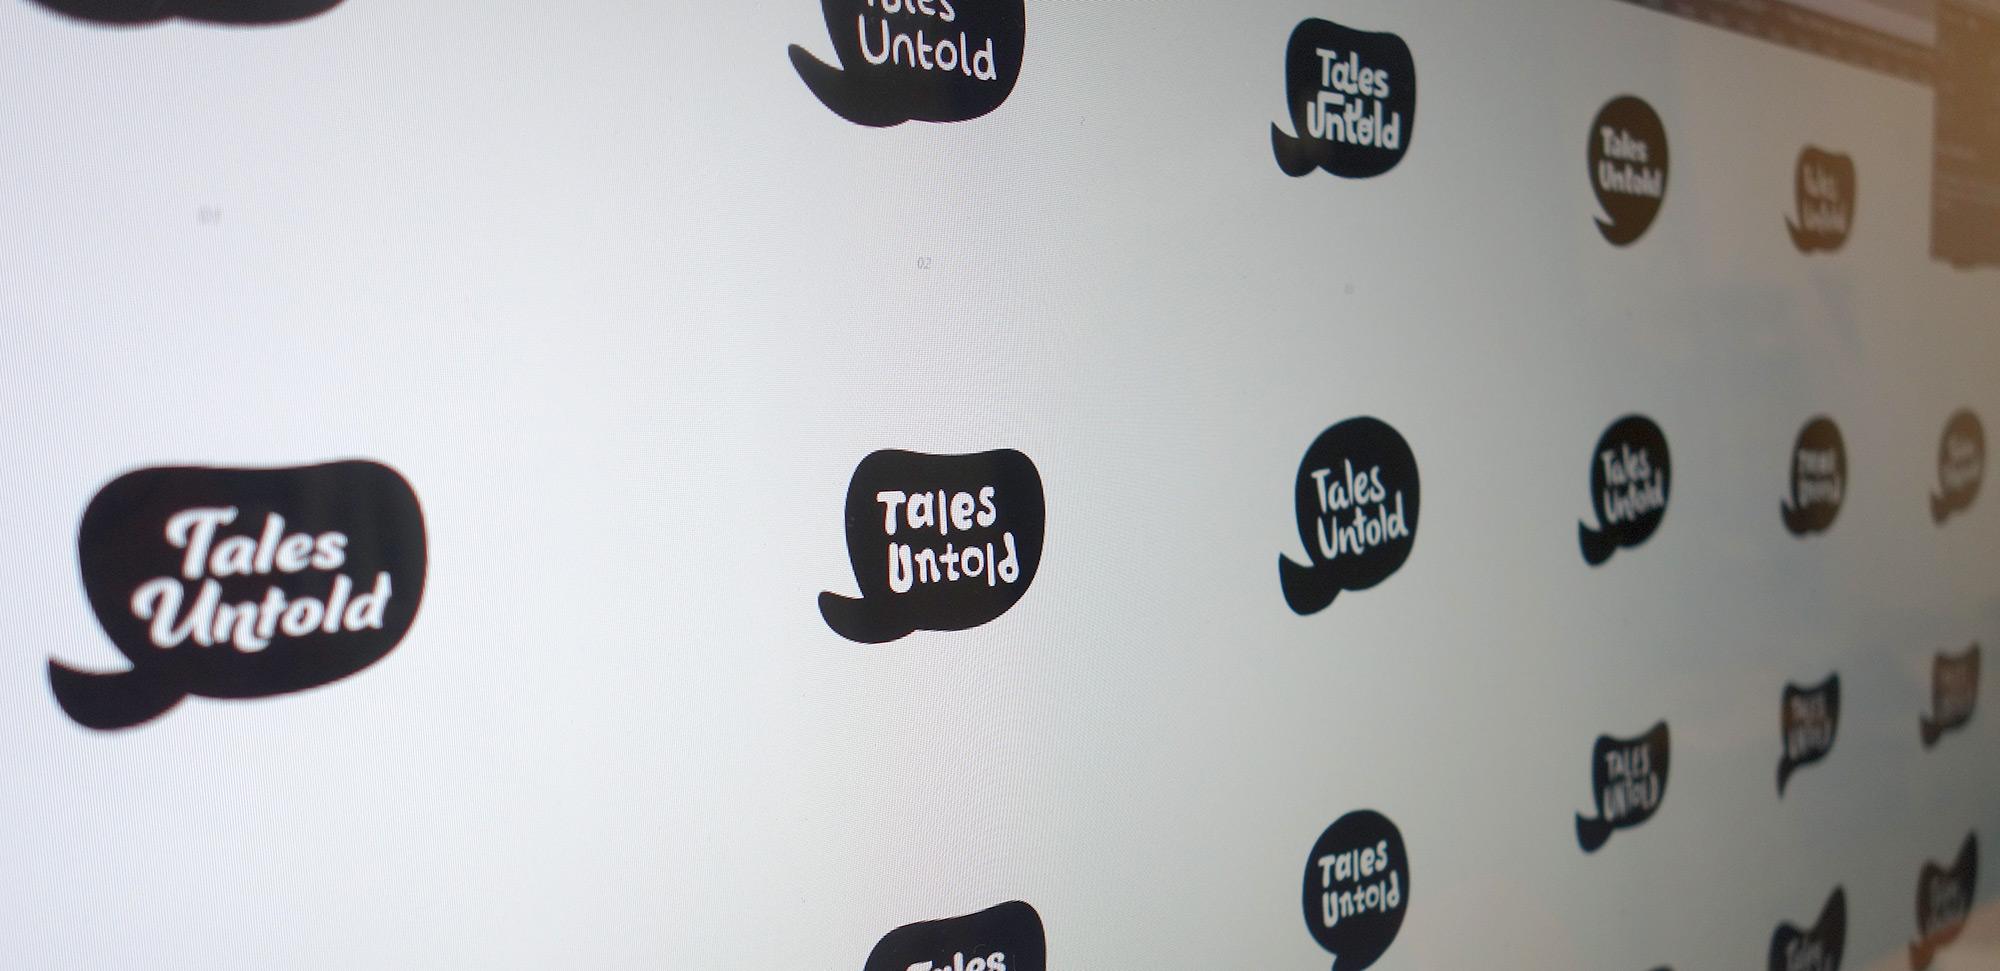 TU.logos